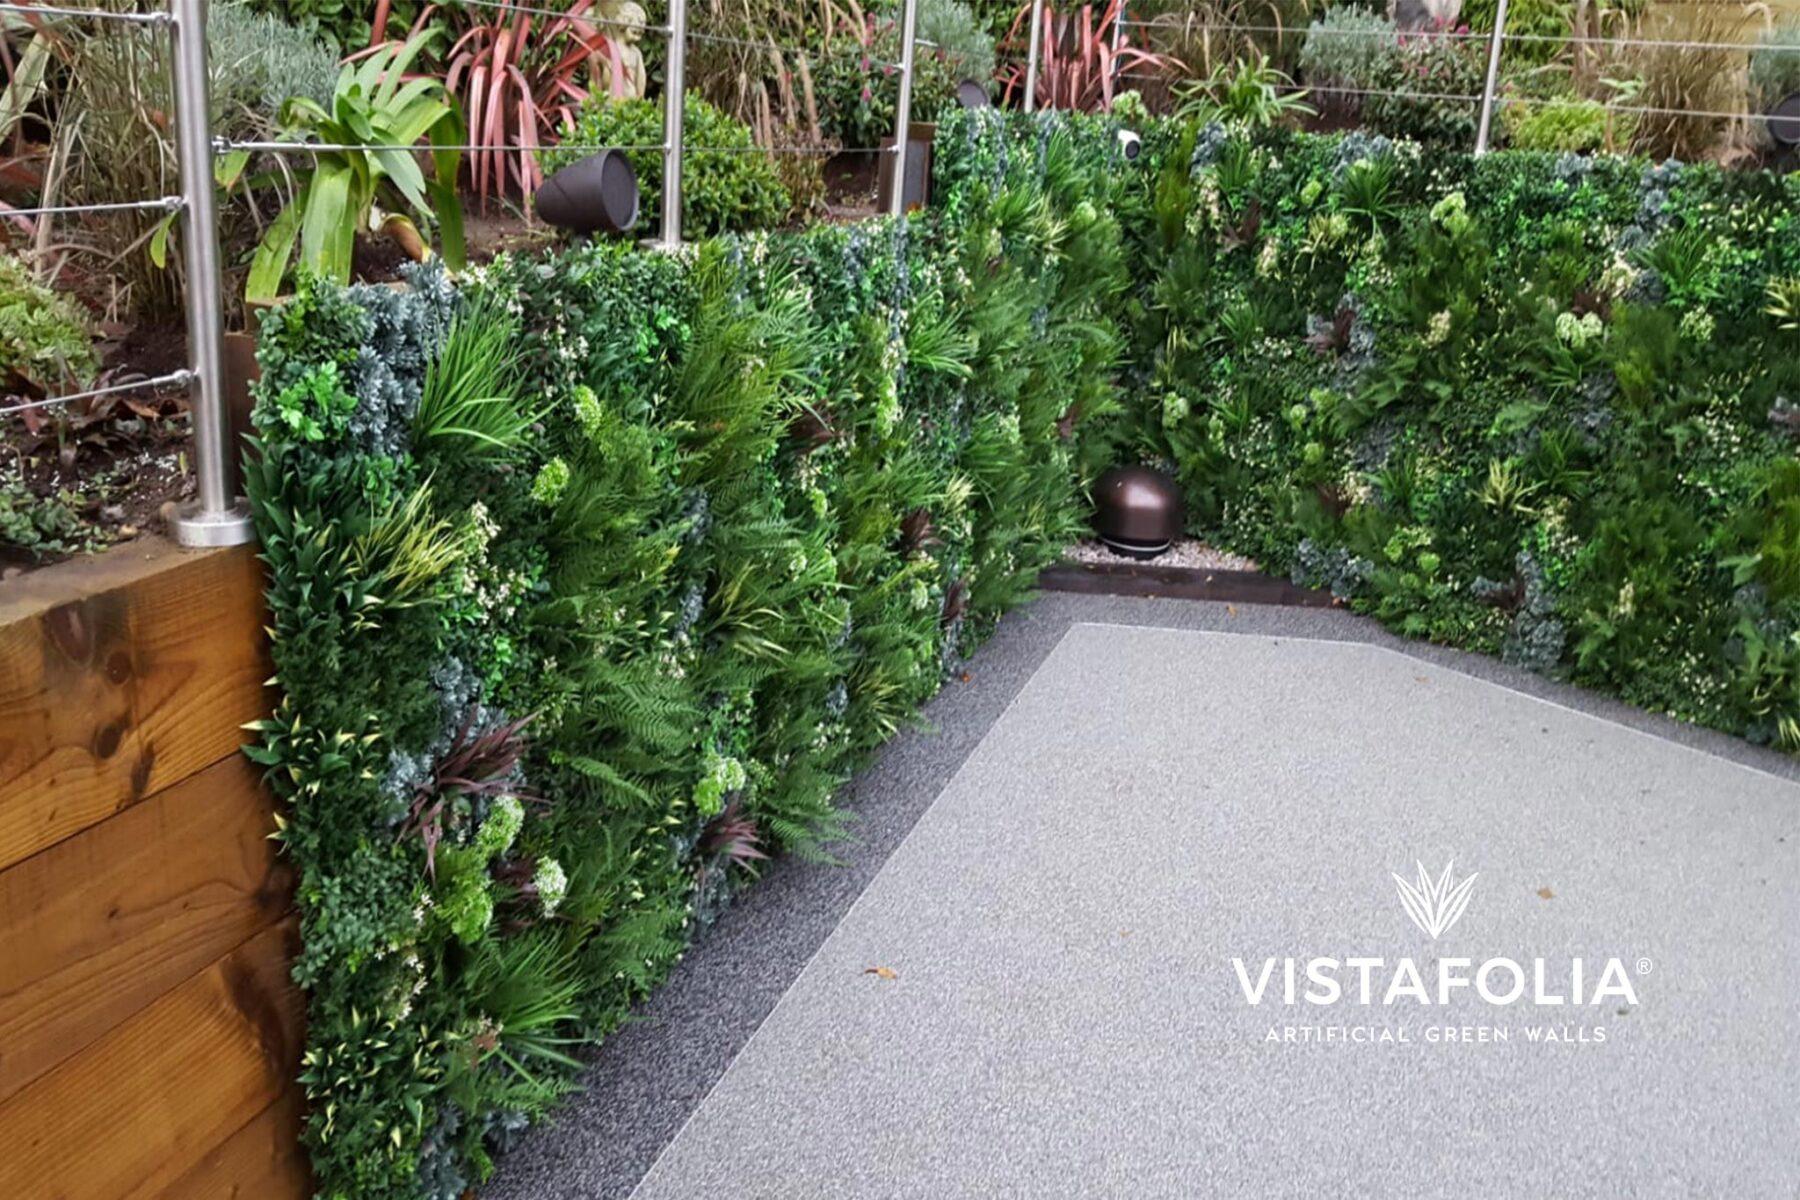 vistafolia, new york artificial green walls